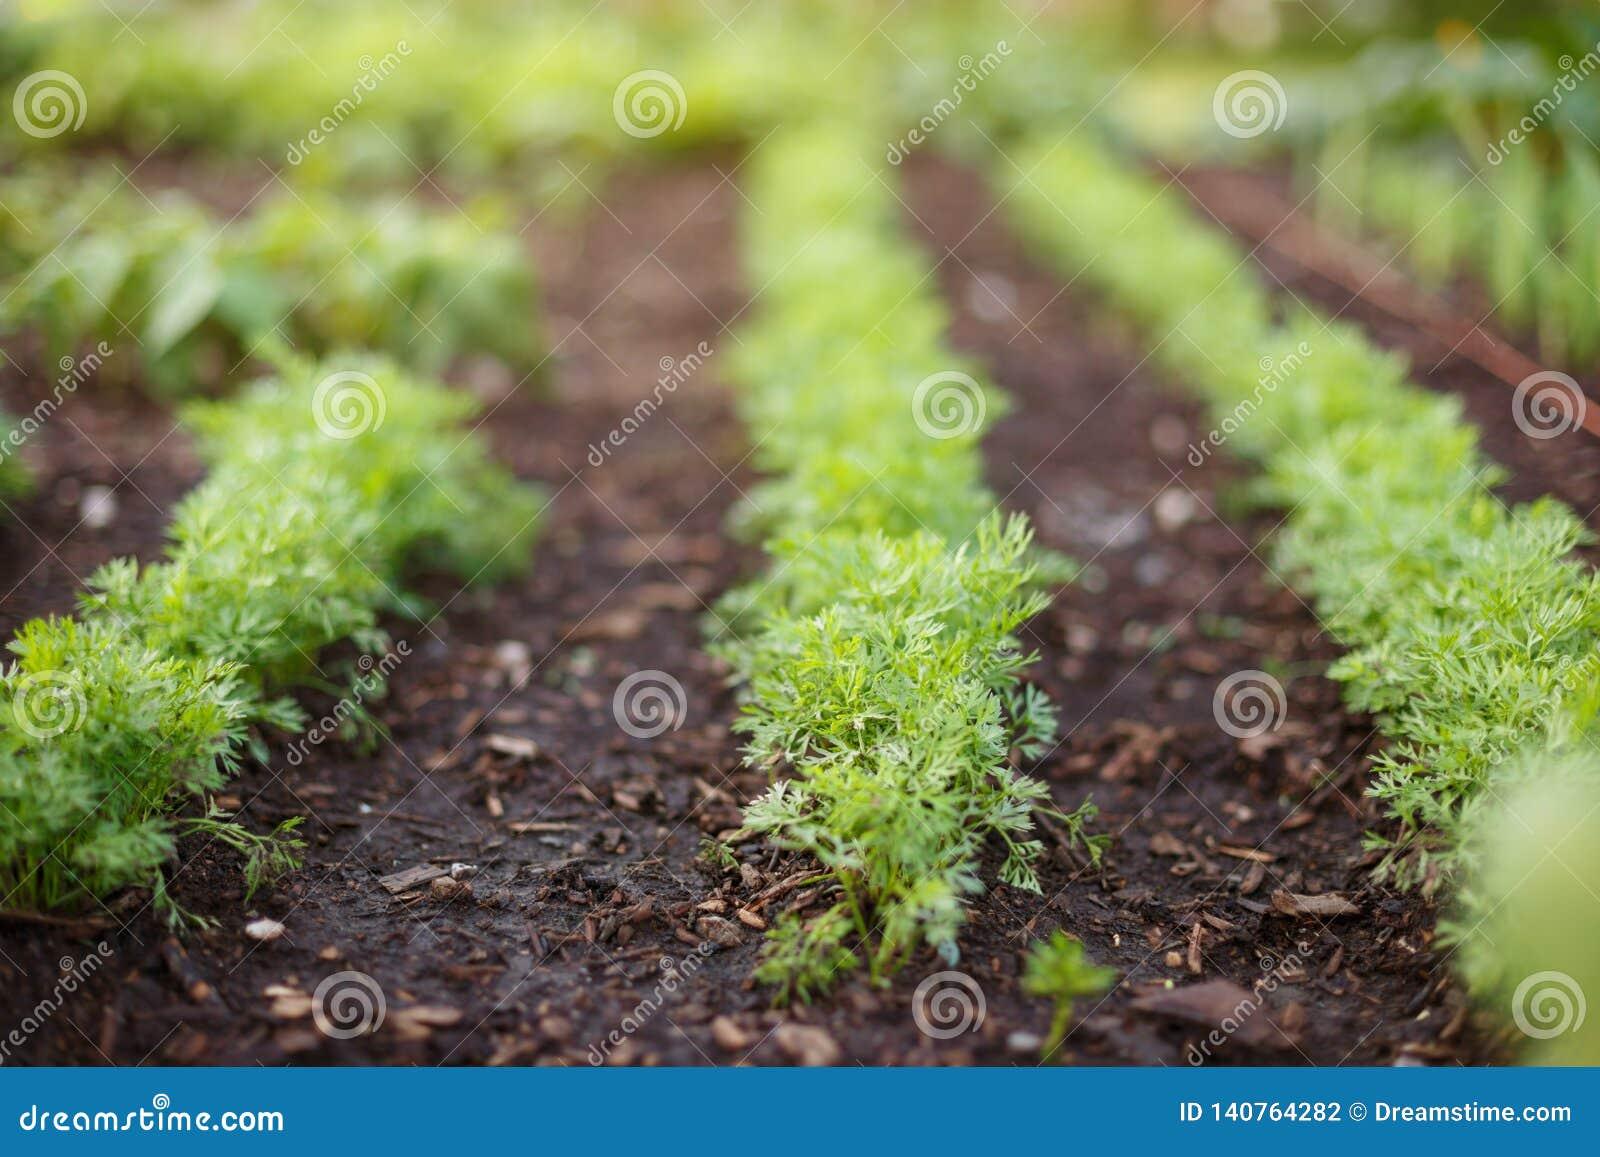 Οι νεαροί βλαστοί των νέων καρότων αυξάνονται σε ένα κρεβάτι κήπων